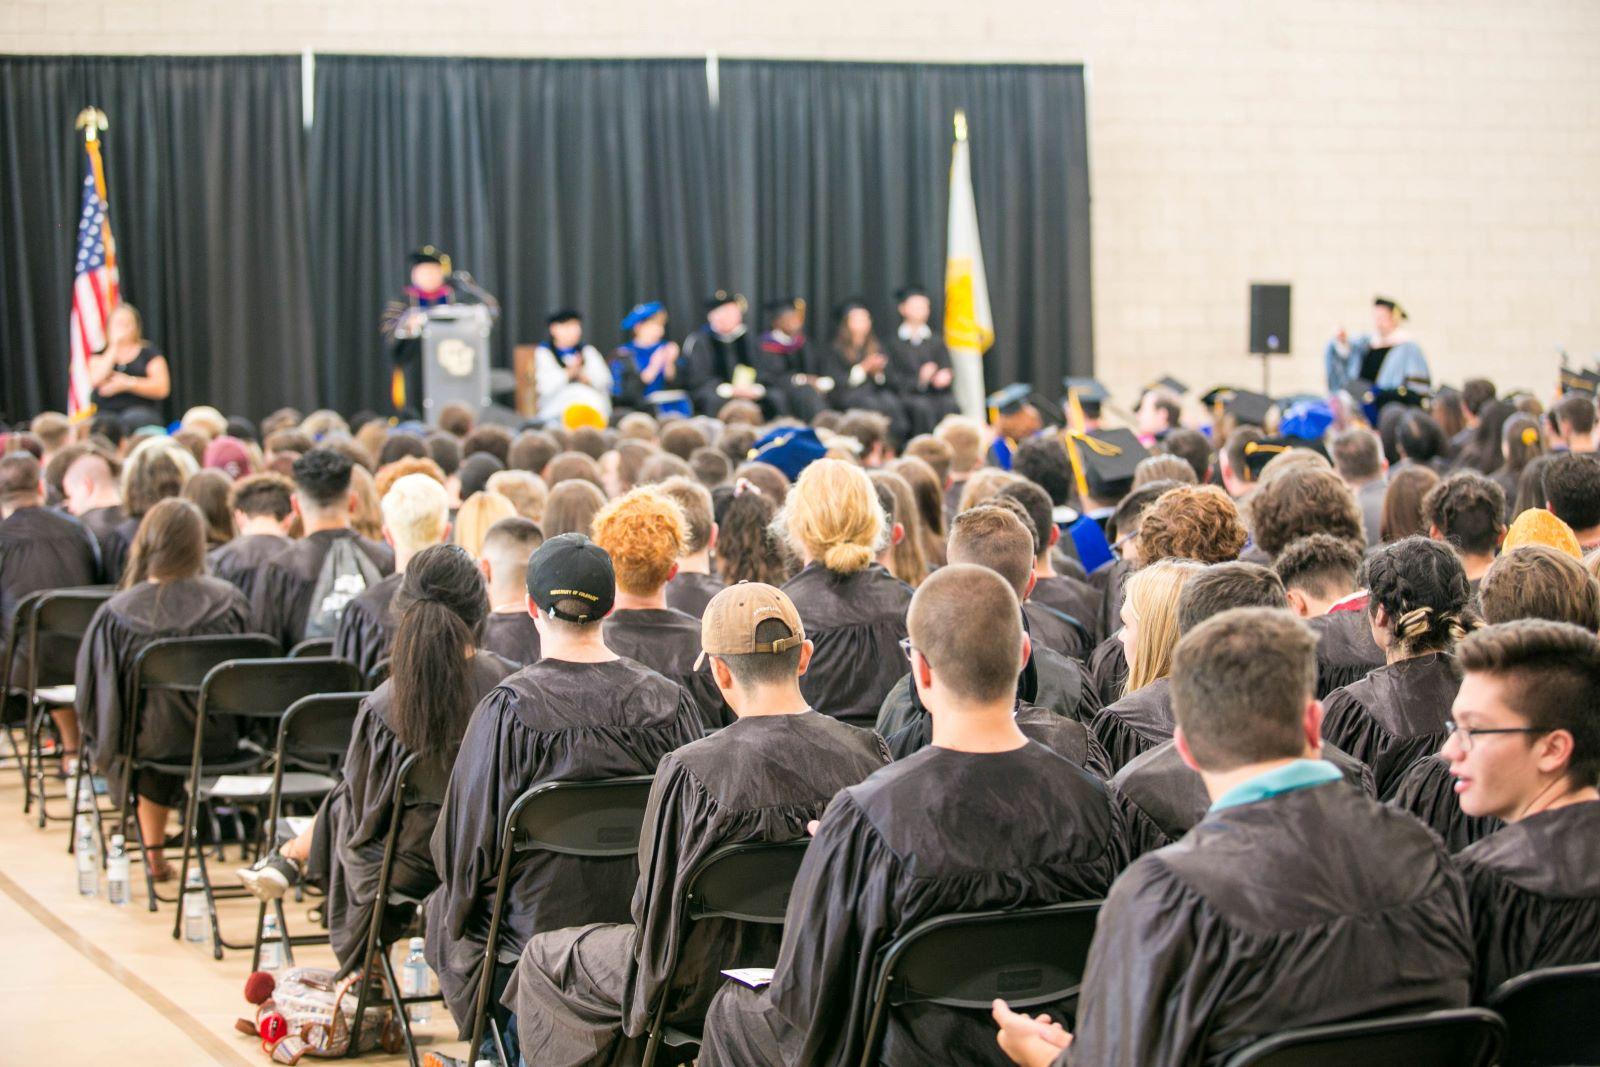 CU Denver convocation ceremony 2019